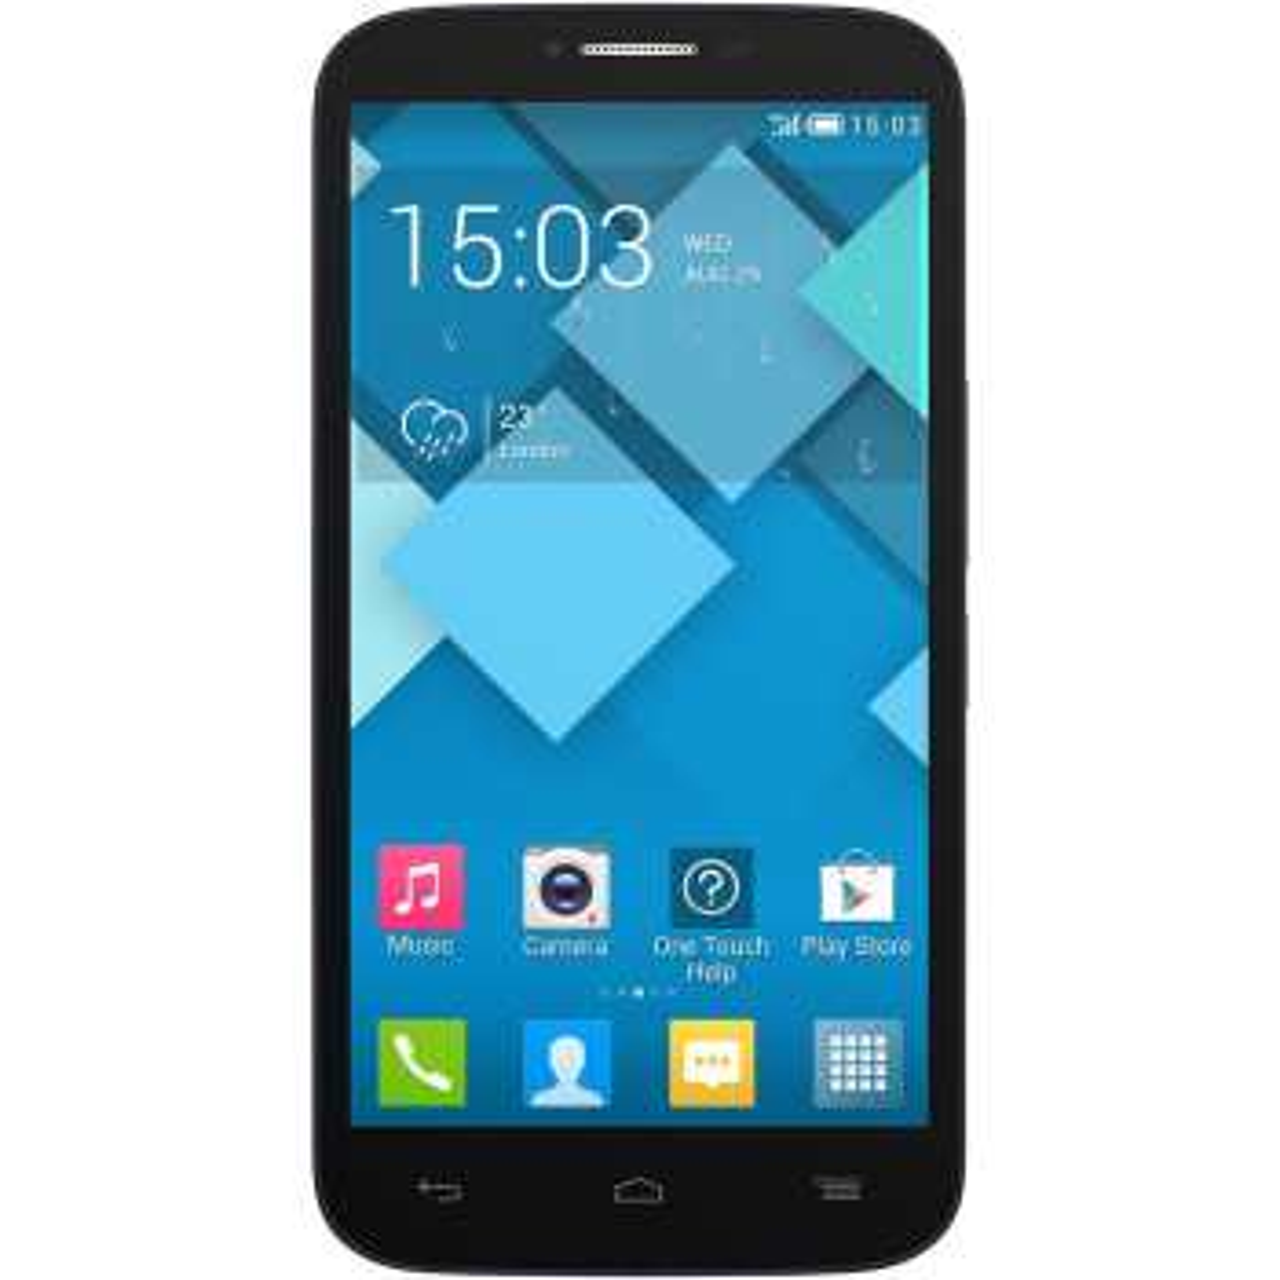 گوشی موبایل تک سیم کارت آلکاتل وان تاچ پاپ C9 | Alcatel One Touch Pop C9 7047D Mobile Phone